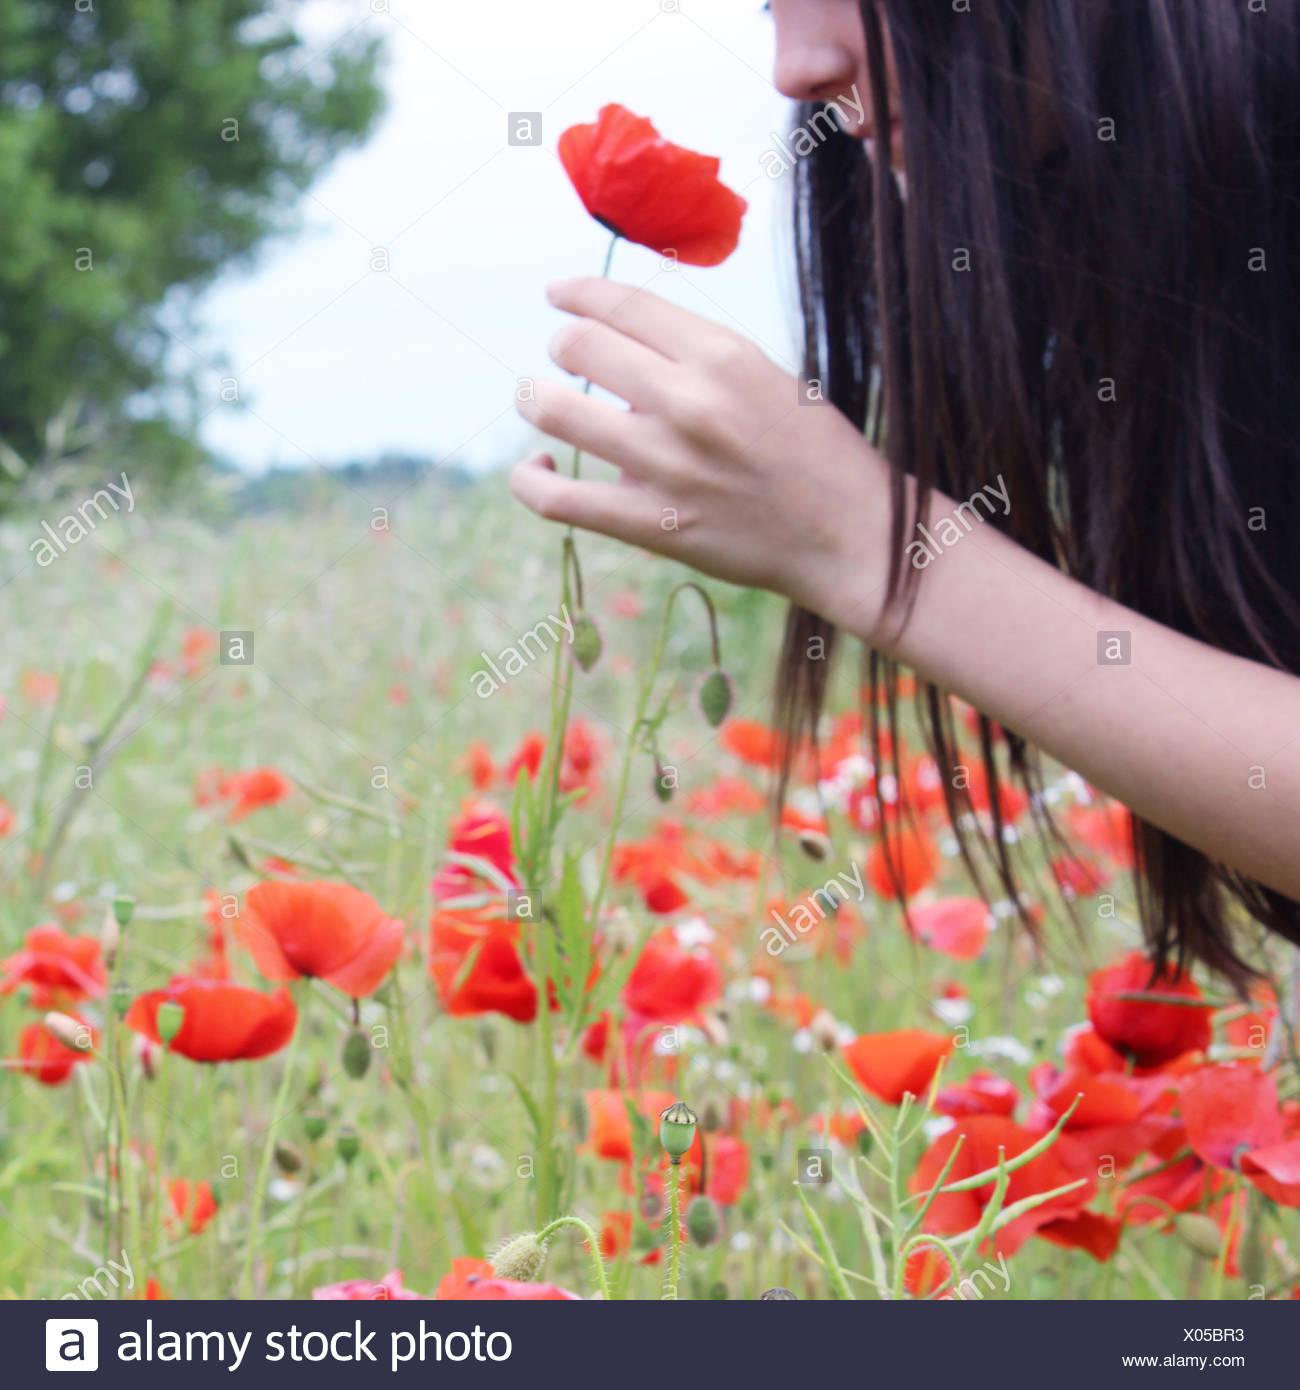 Girl smelling poppy flower - Stock Image